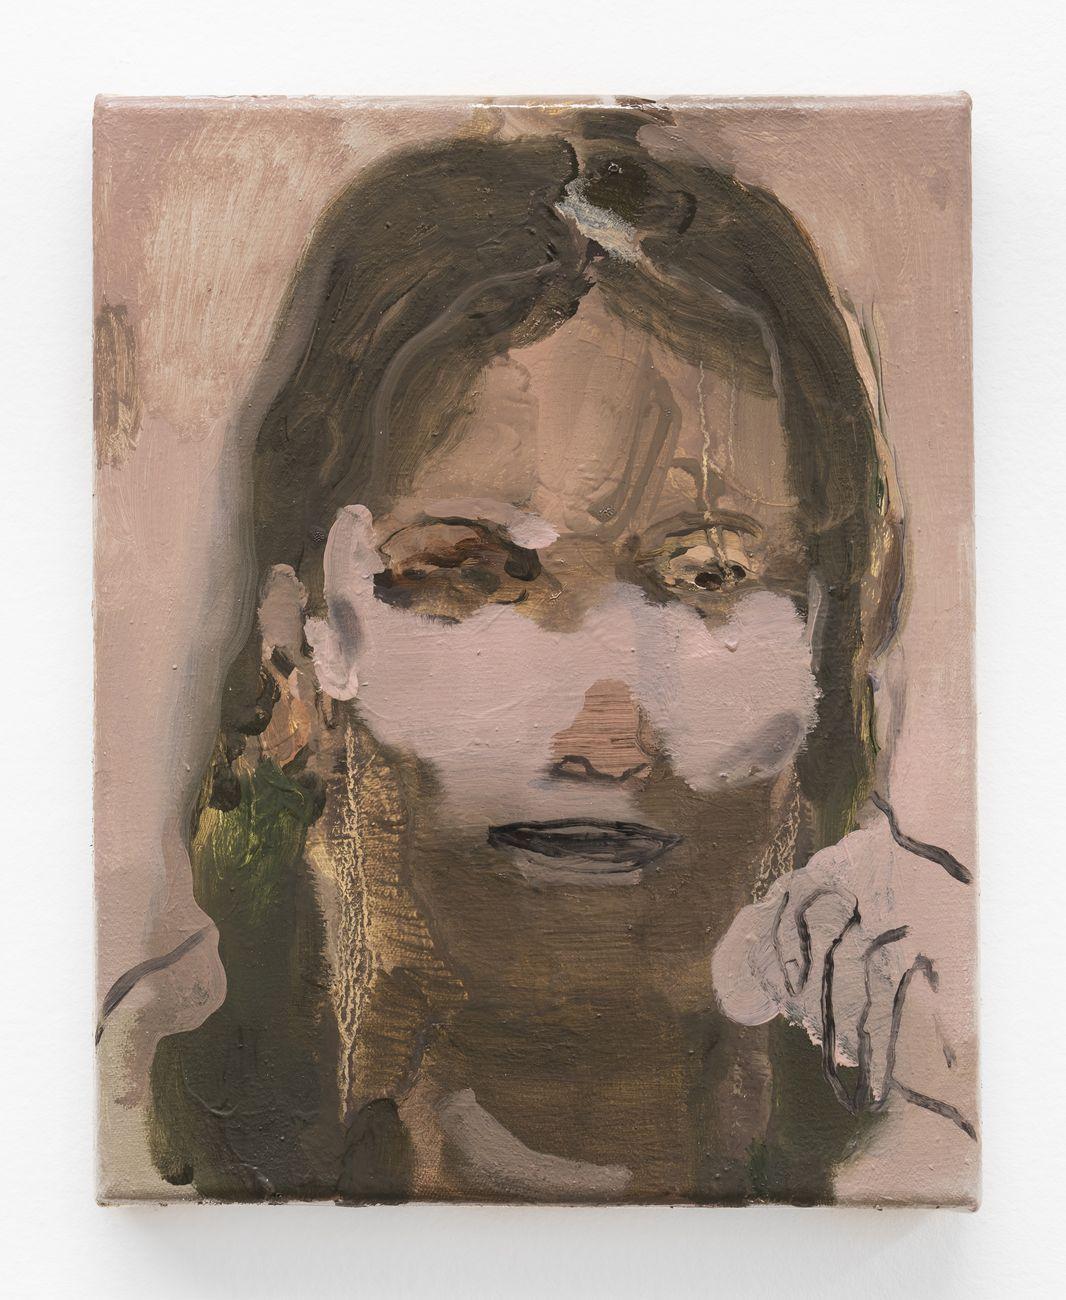 Nazzarena Poli Maramotti, Ritratto (Maske), 2019, tecnica mista su tela, 25x20 cm. Photo credit Masiar Pasquali